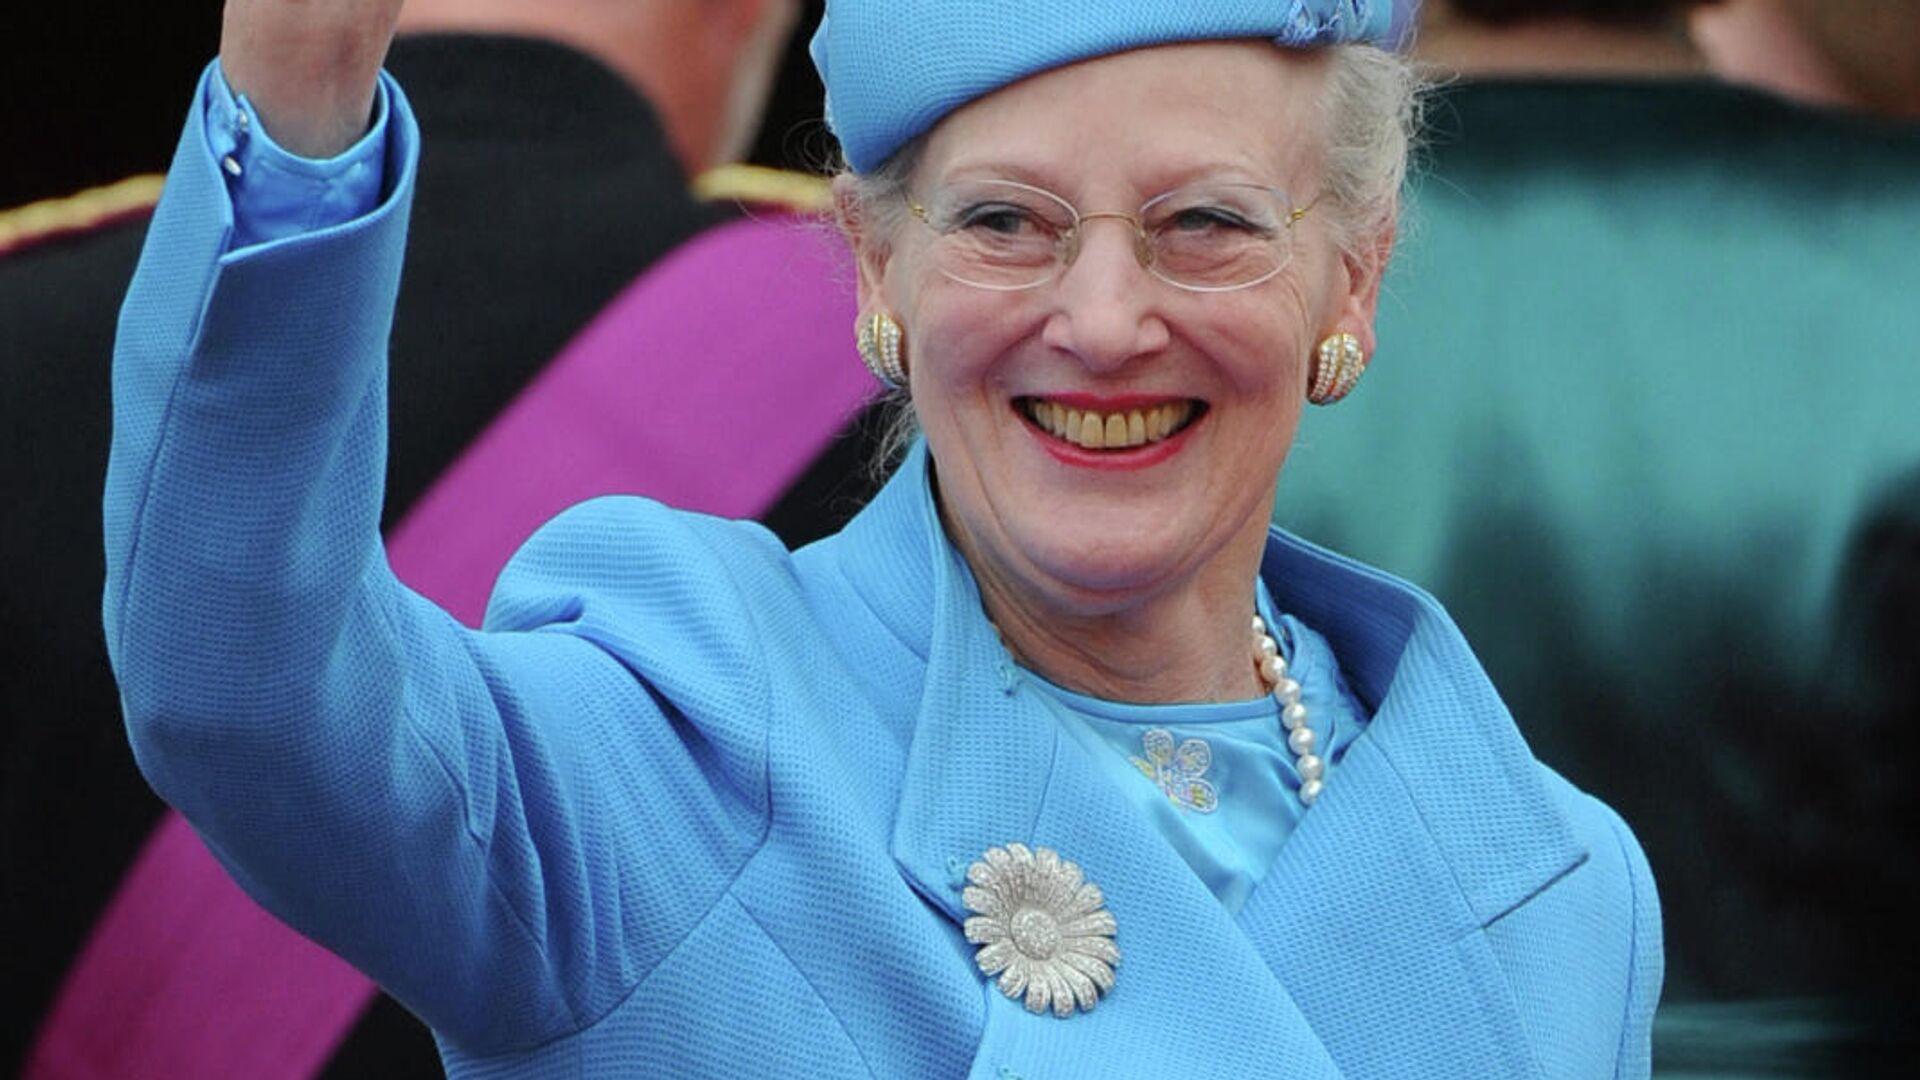 Margarita II, reina de Dinamarca, llega a la boda del príncipe William con Kate Middleton, el 29 de abril de 2011 - Sputnik Mundo, 1920, 13.07.2021